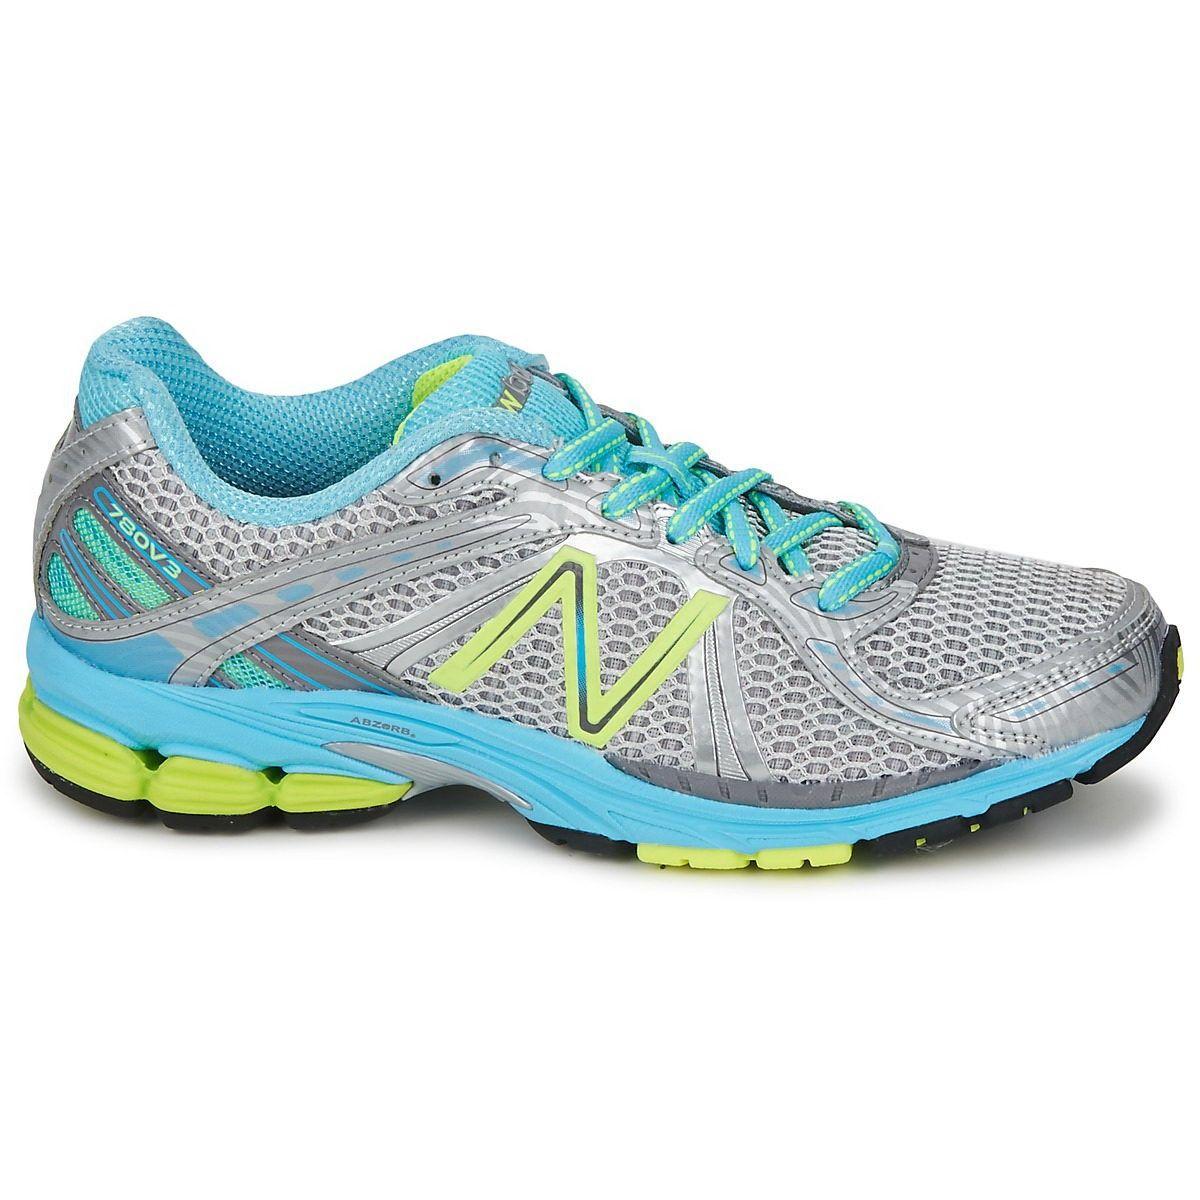 New Balance Sneakers Women's Silver Blue W780